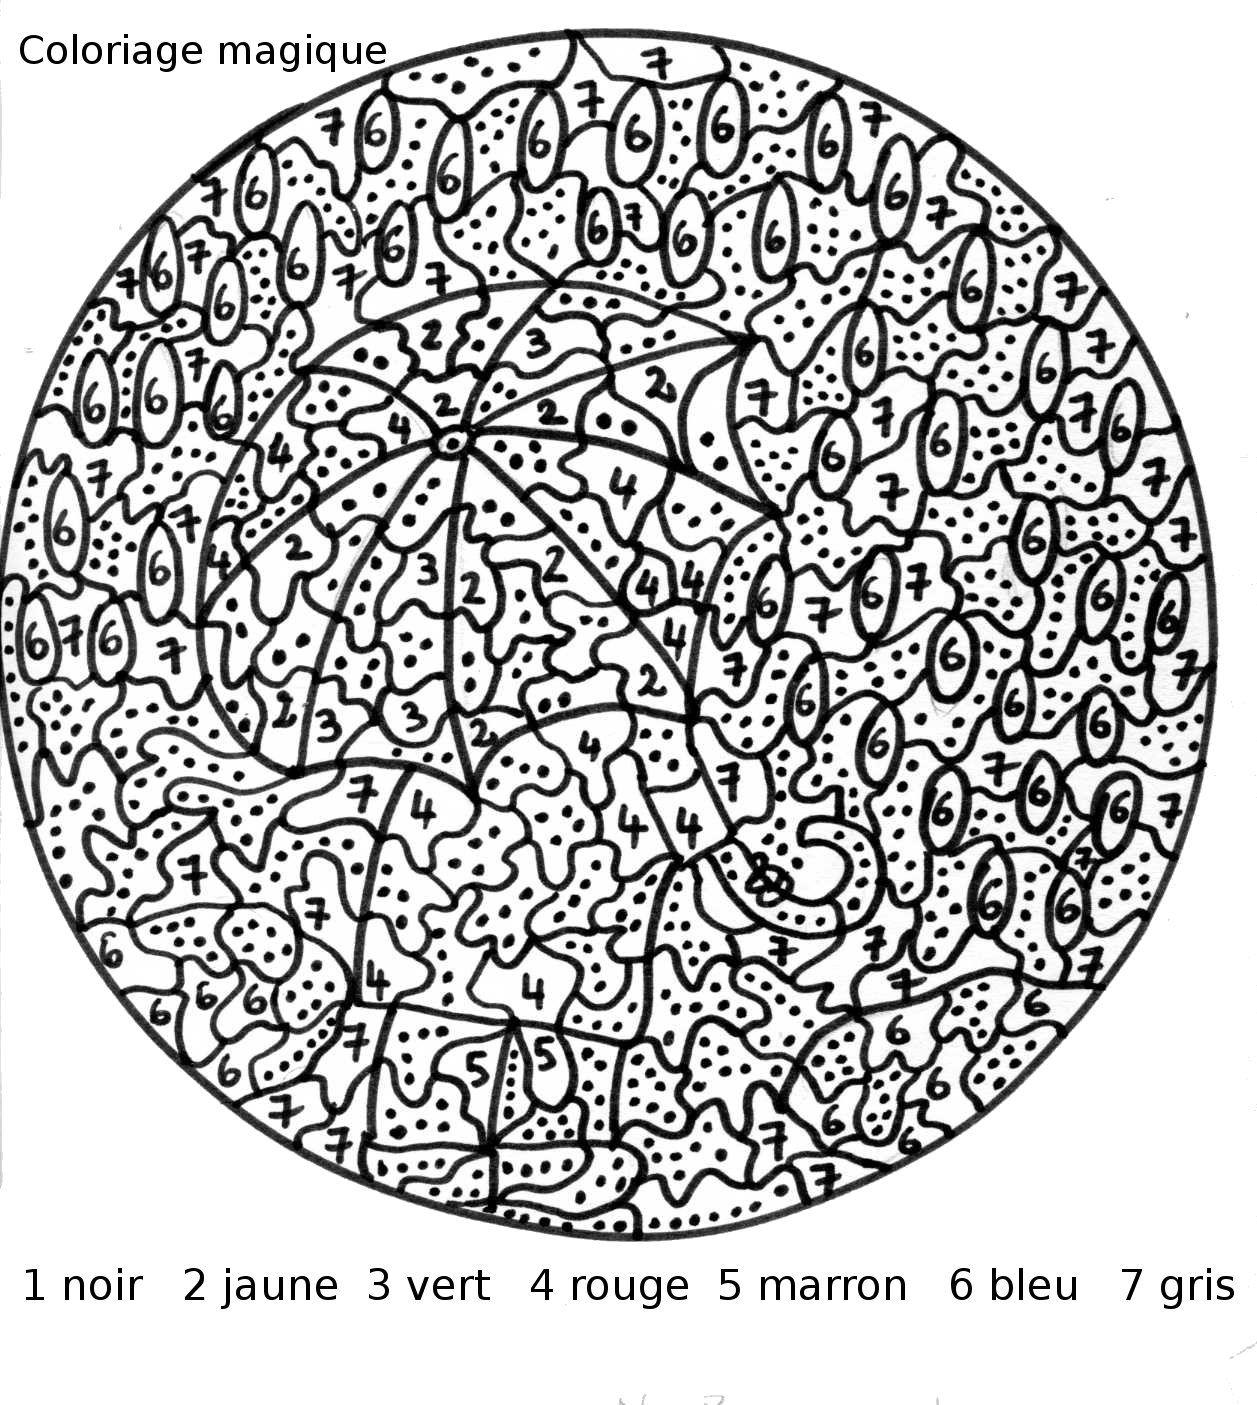 Coloriage Magique Nombres - [PDF]SOMMAIRE Free   Coloriage ...